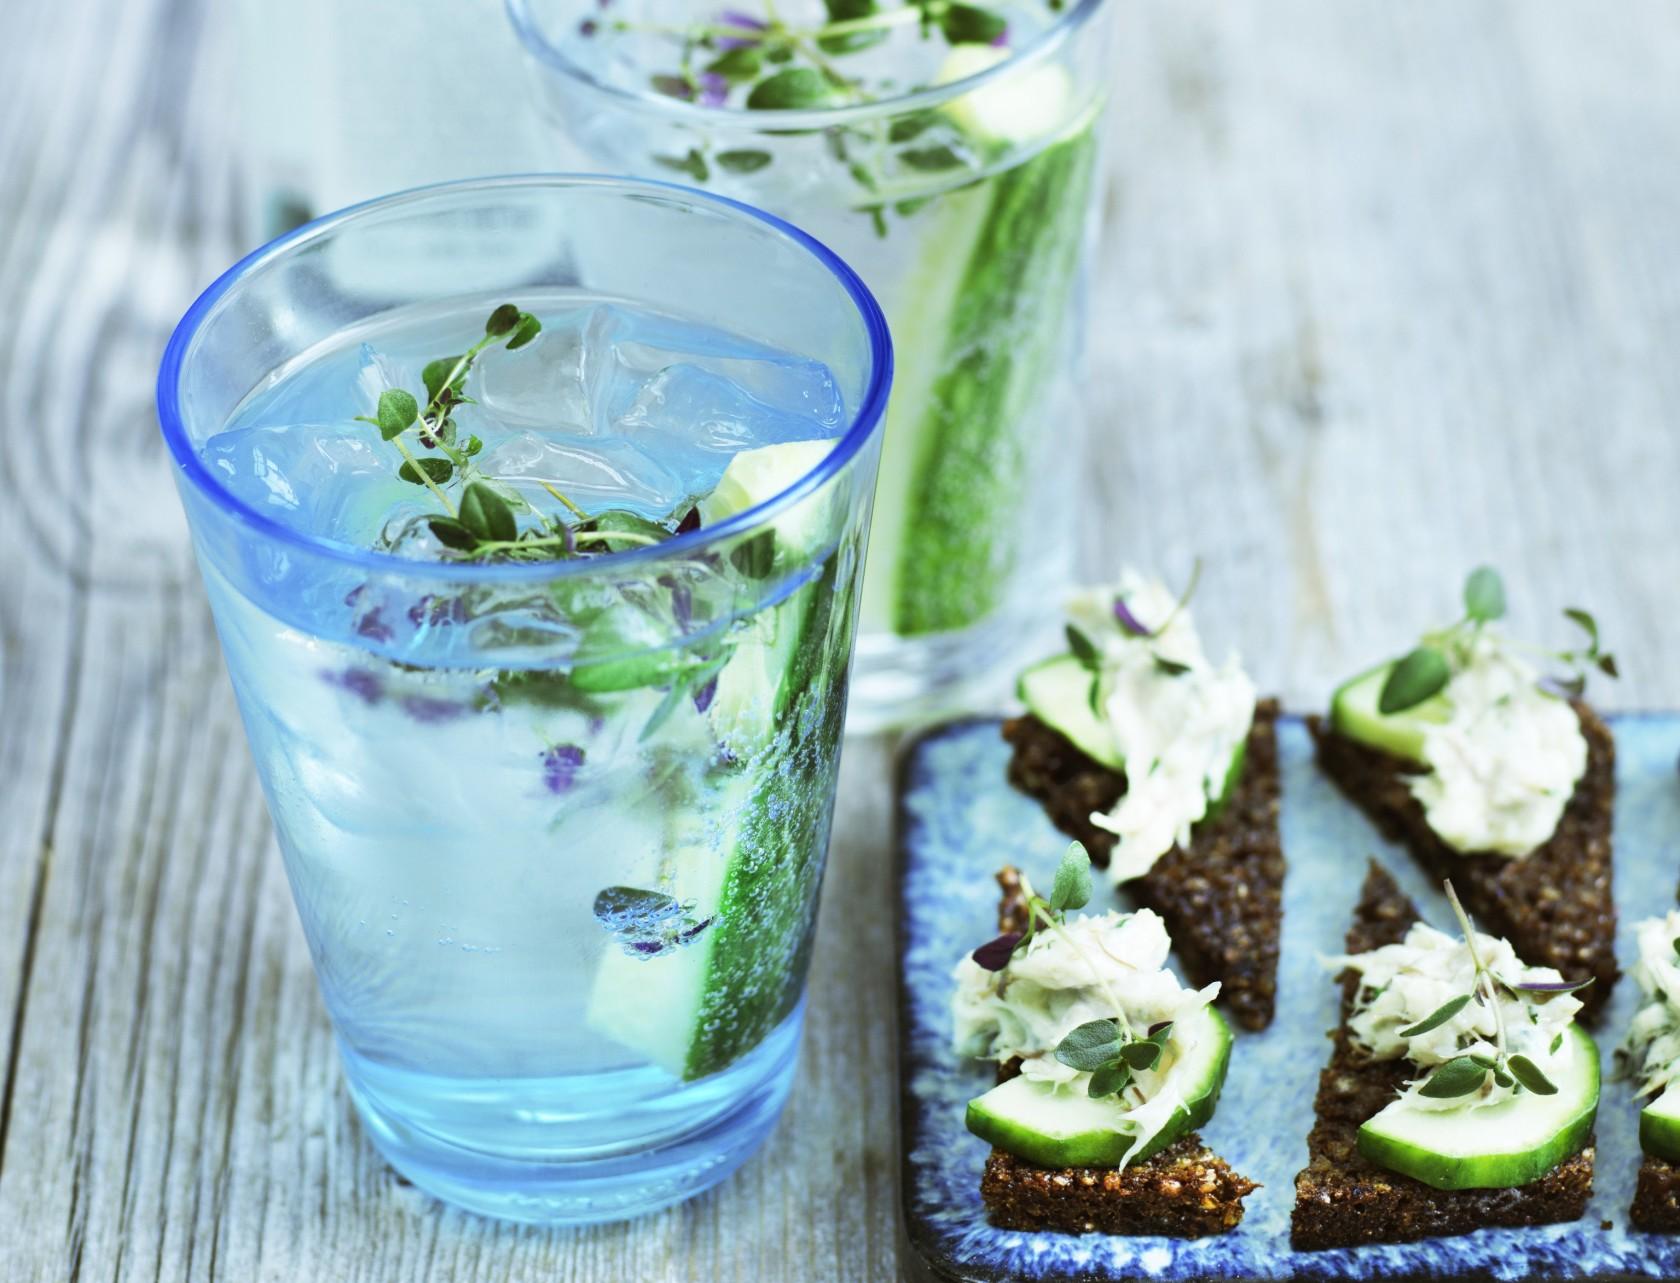 Læskende gin & tonic serveret med lækre snacks af rugbrødschips og røget makrel.